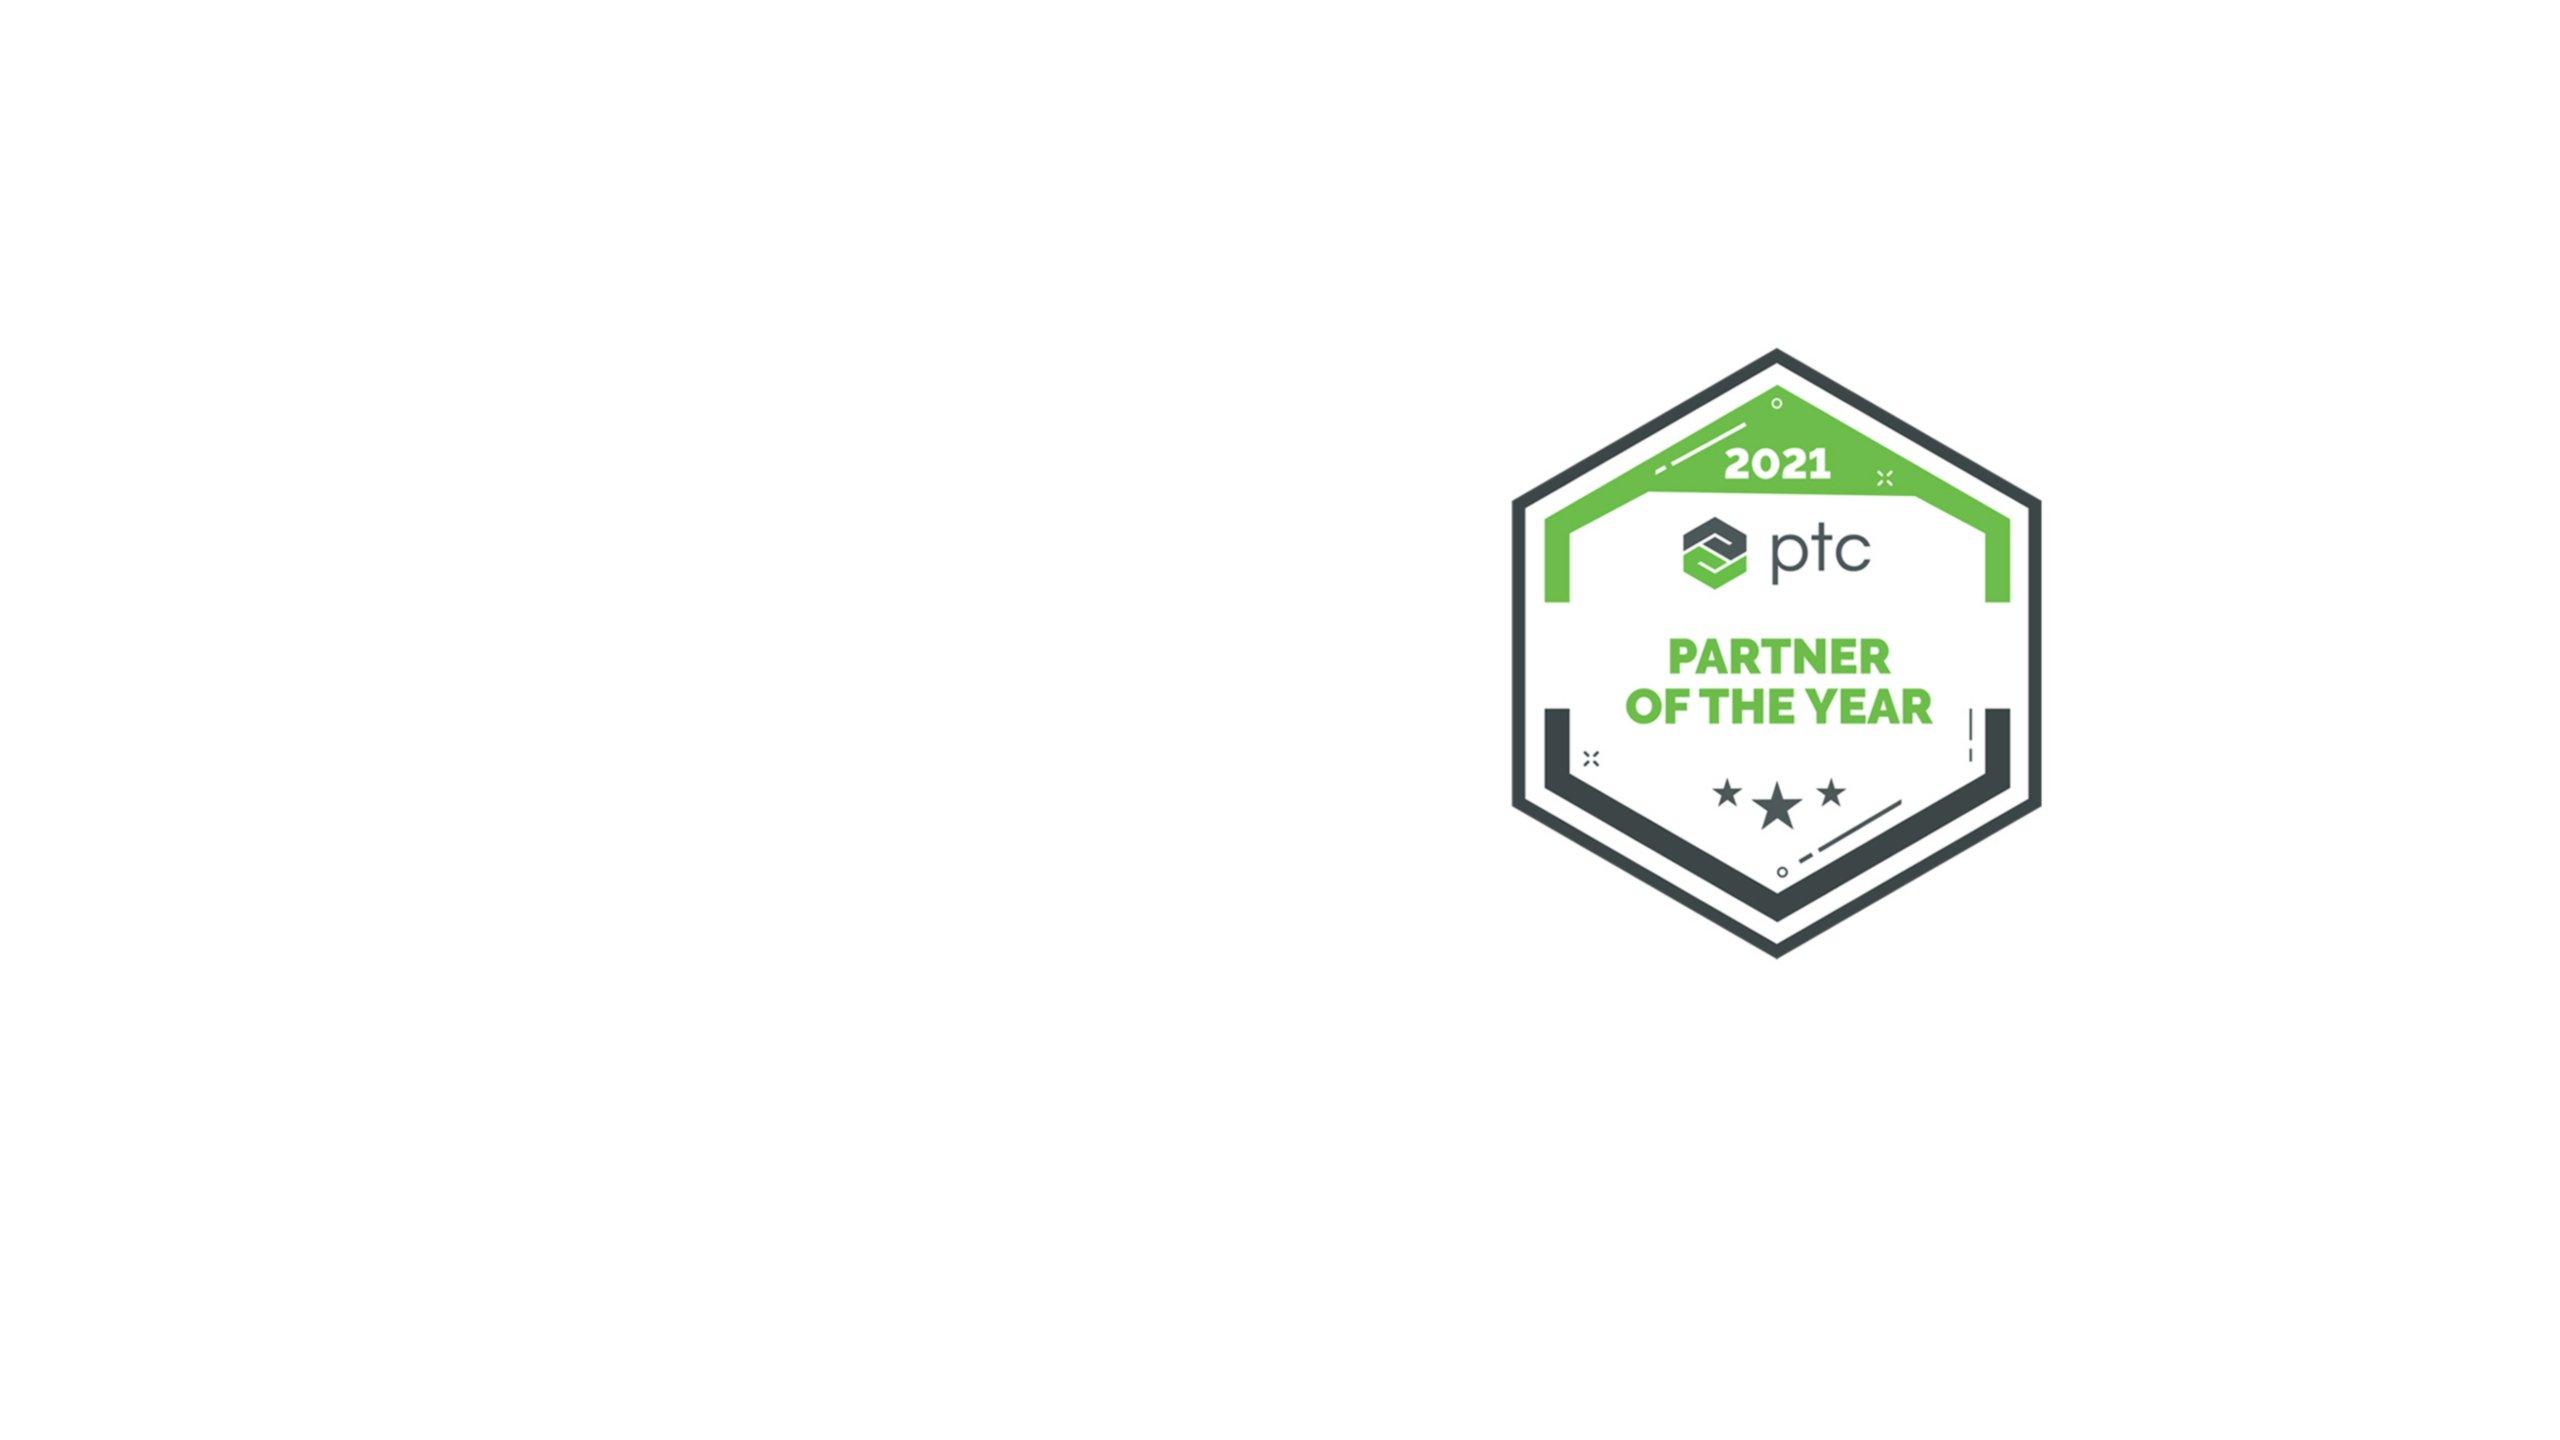 Green, white and black PTC Partner Network Award logo